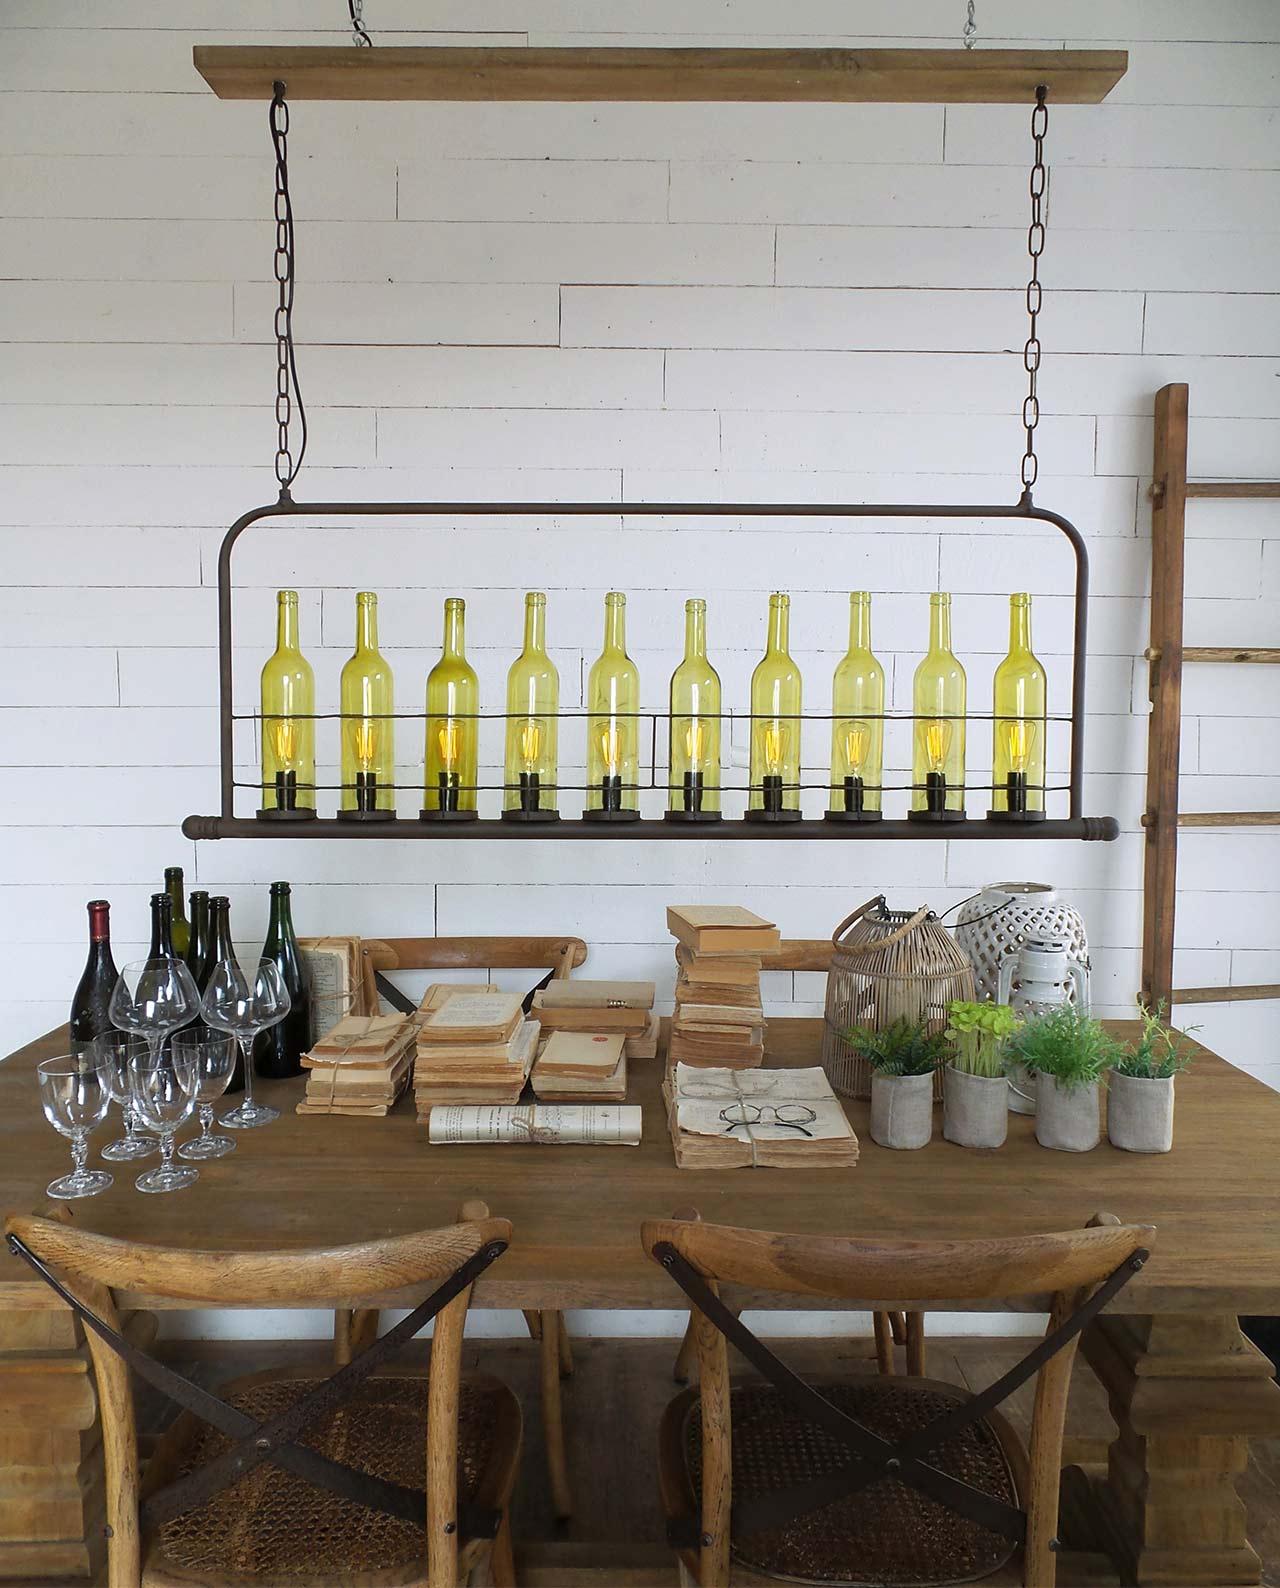 Lampadario con bottiglie vino stile industrial mobilia for Mobilia recensioni